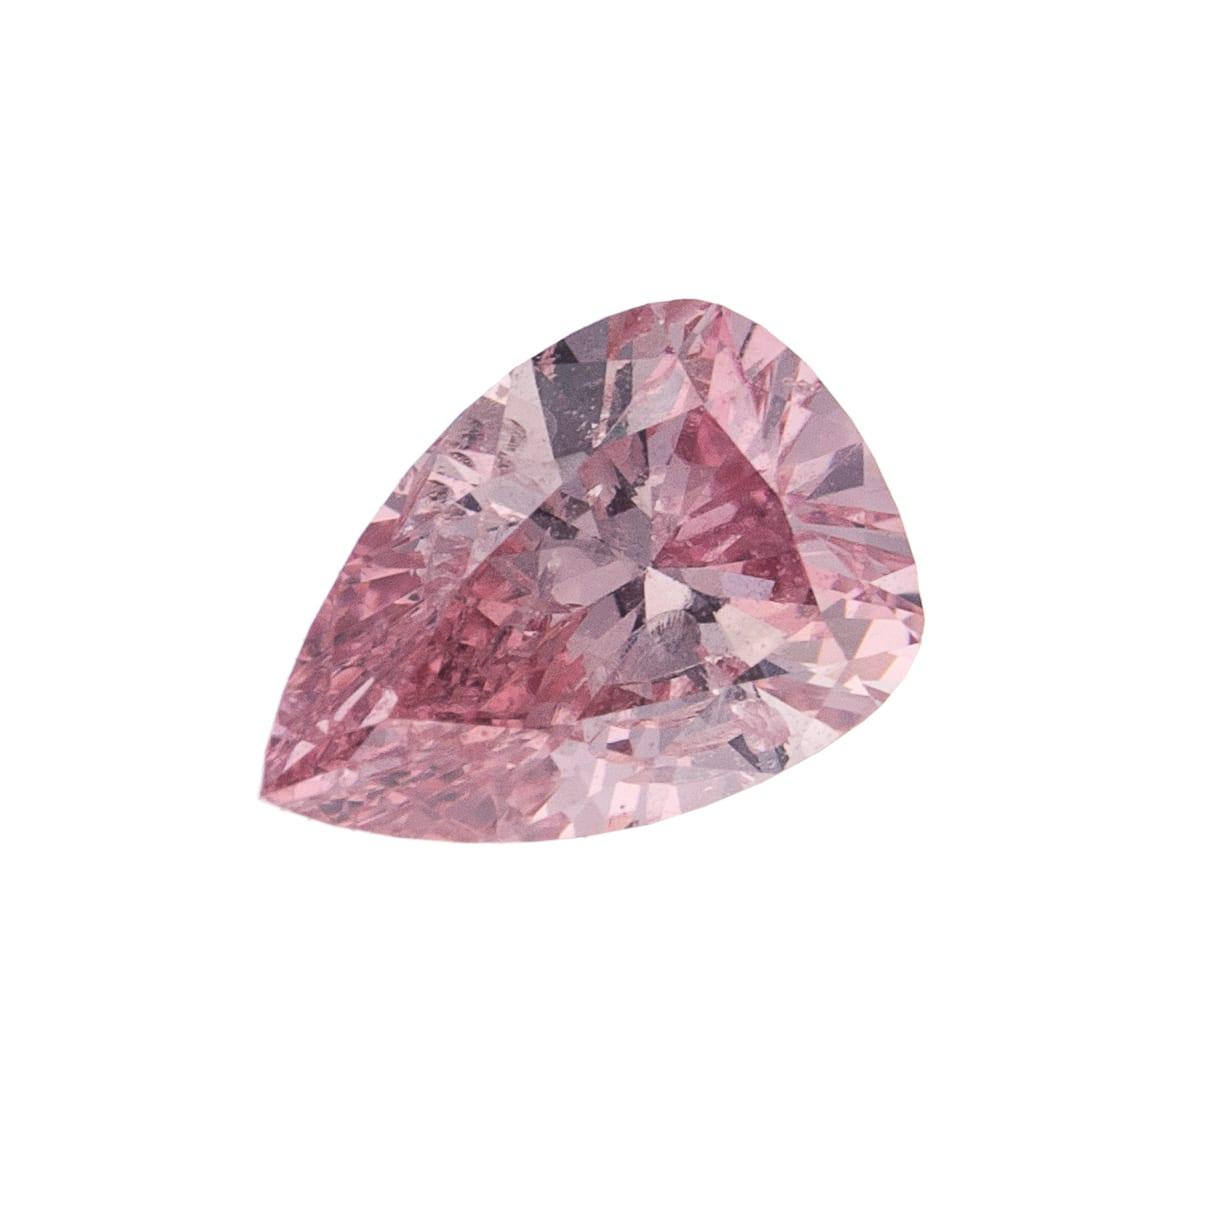 יהלום ורוד טבעי 0.21 קראט GIA